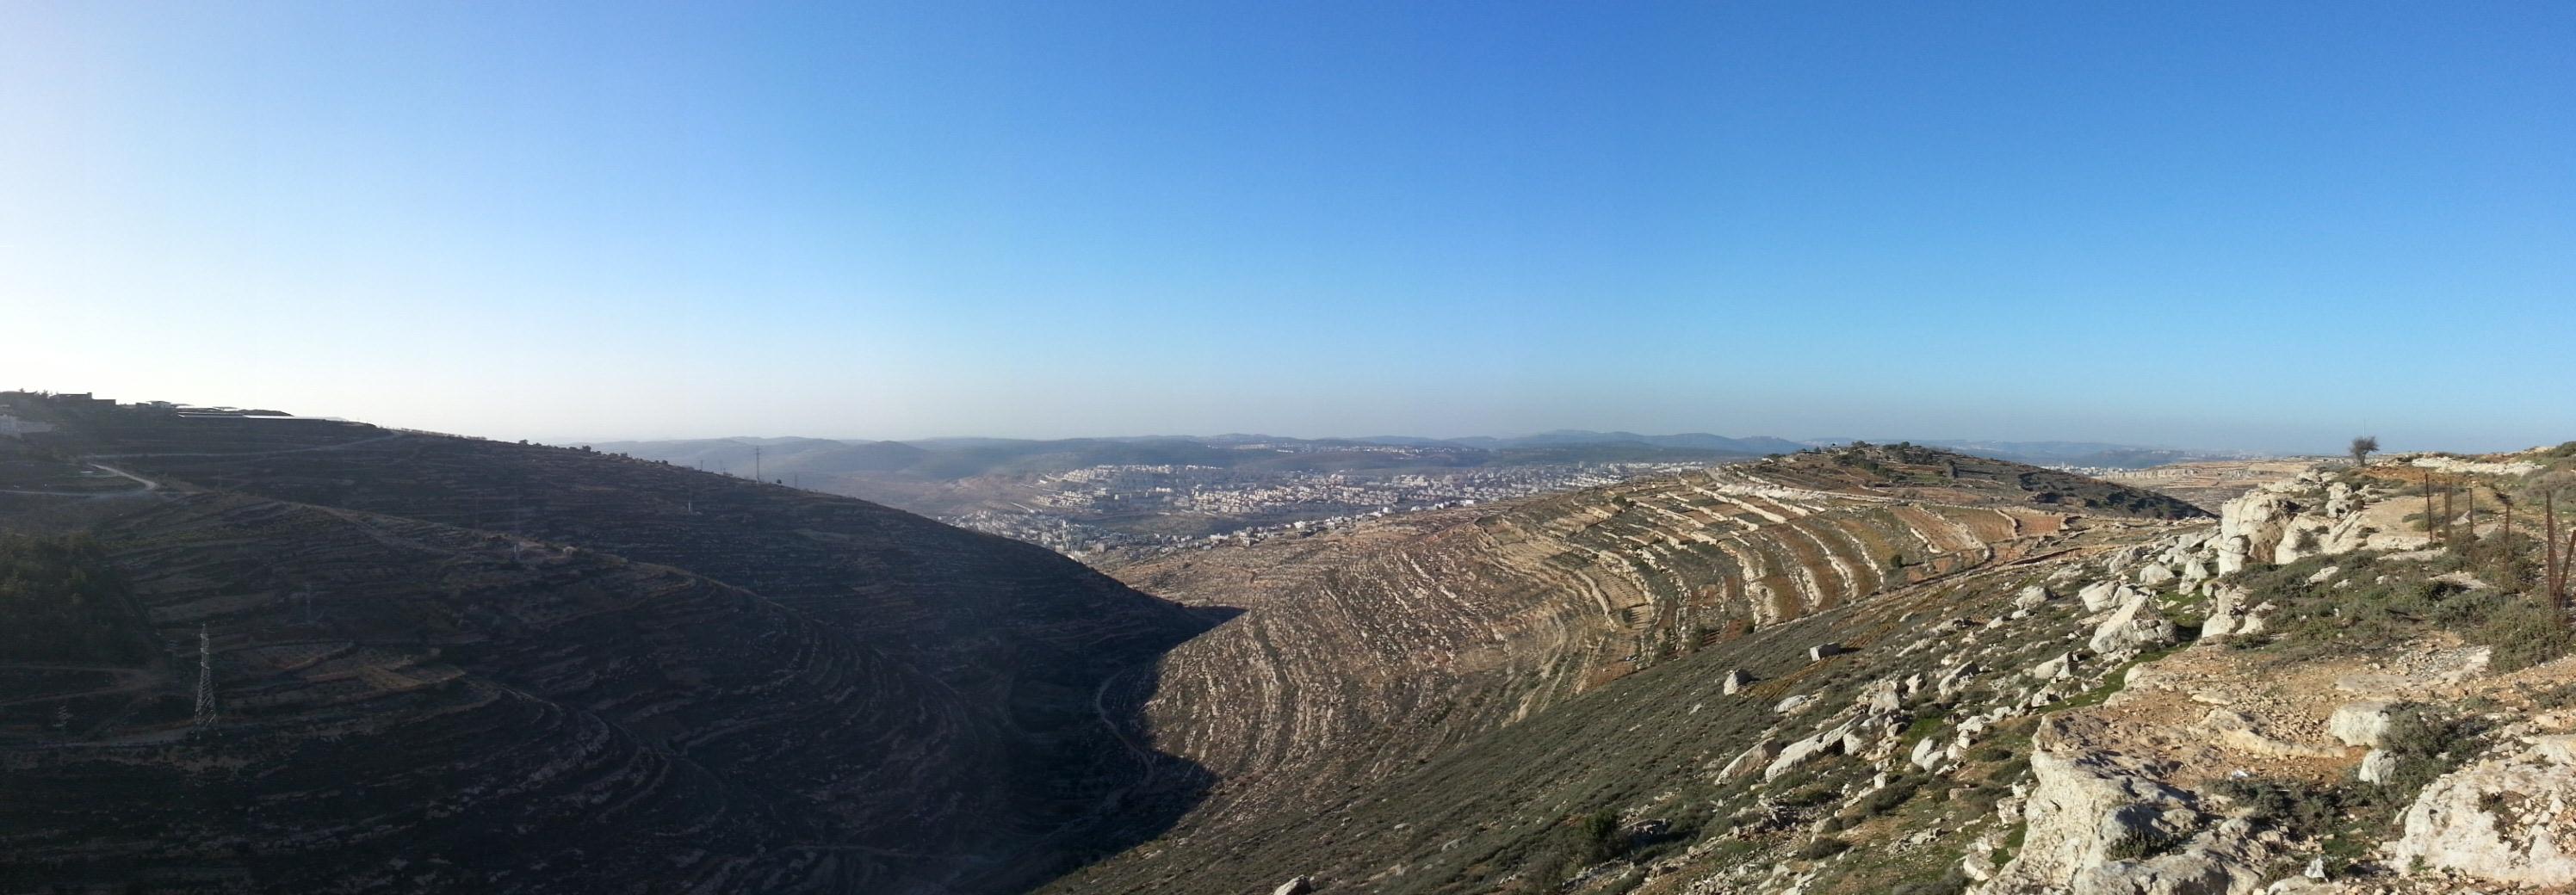 View over the Judean Hills from Derech HaAvot